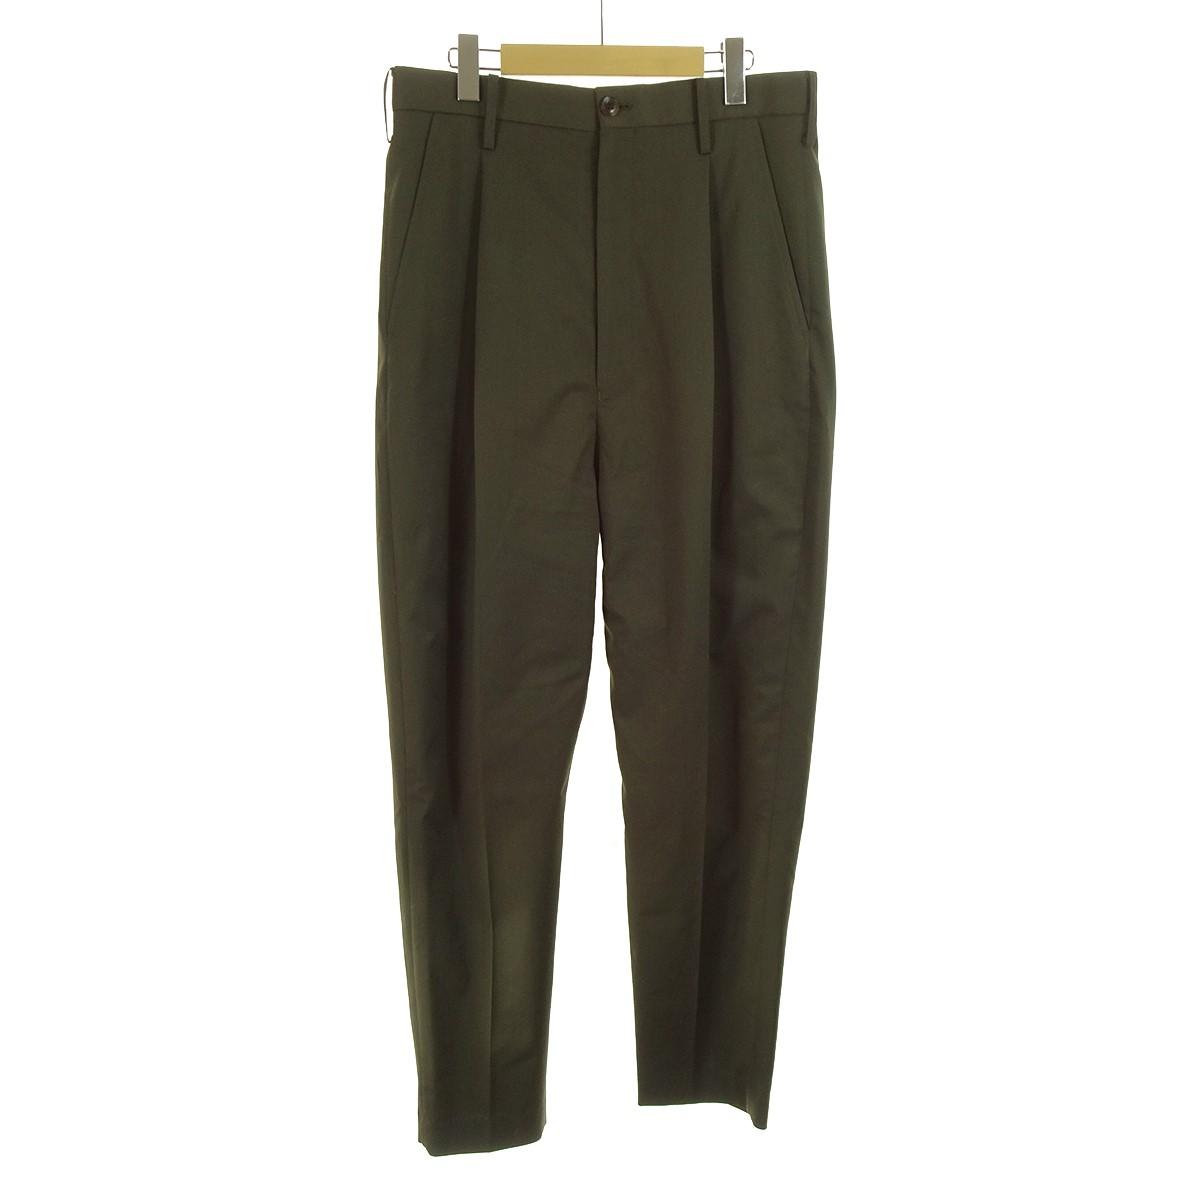 【中古】doublet High Waist Wide Tapered Trousers オリーブ サイズ:M 【010320】(ダブレット)